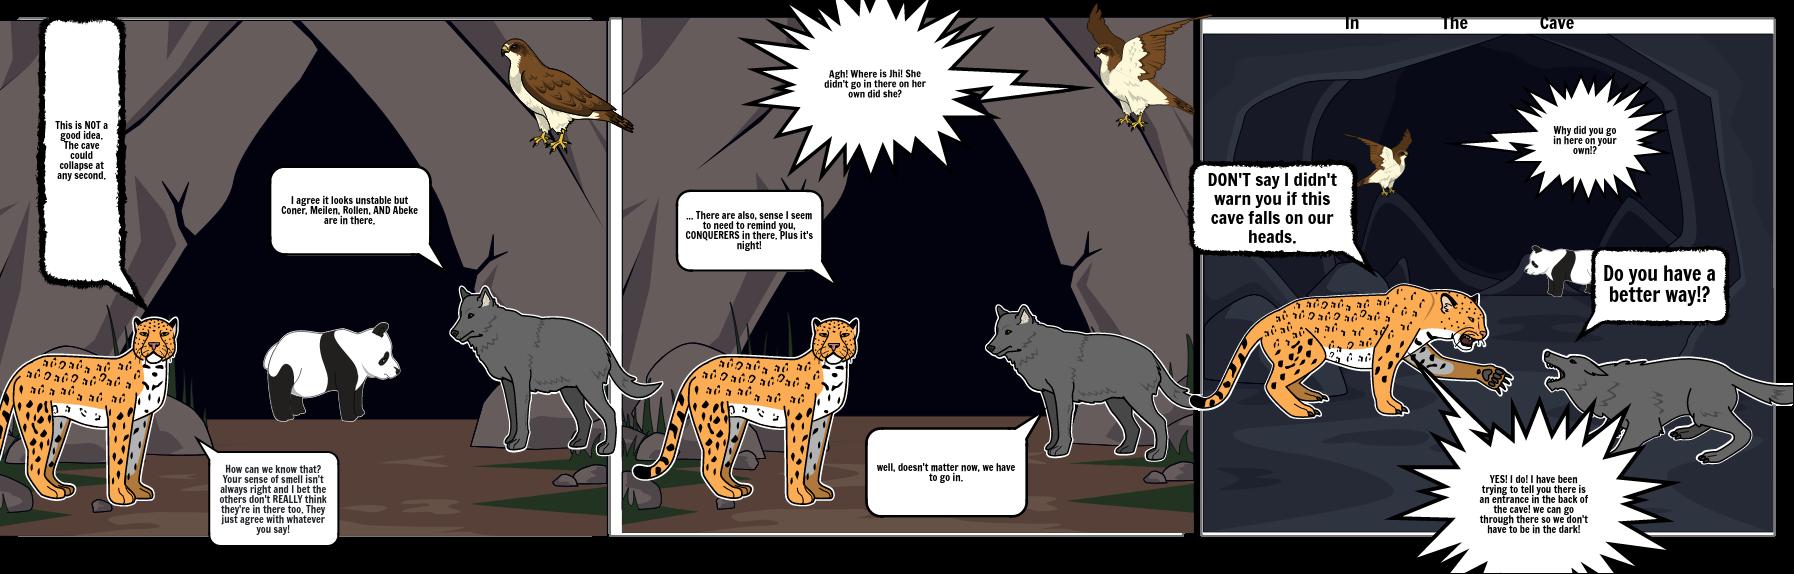 spirit animals - cave